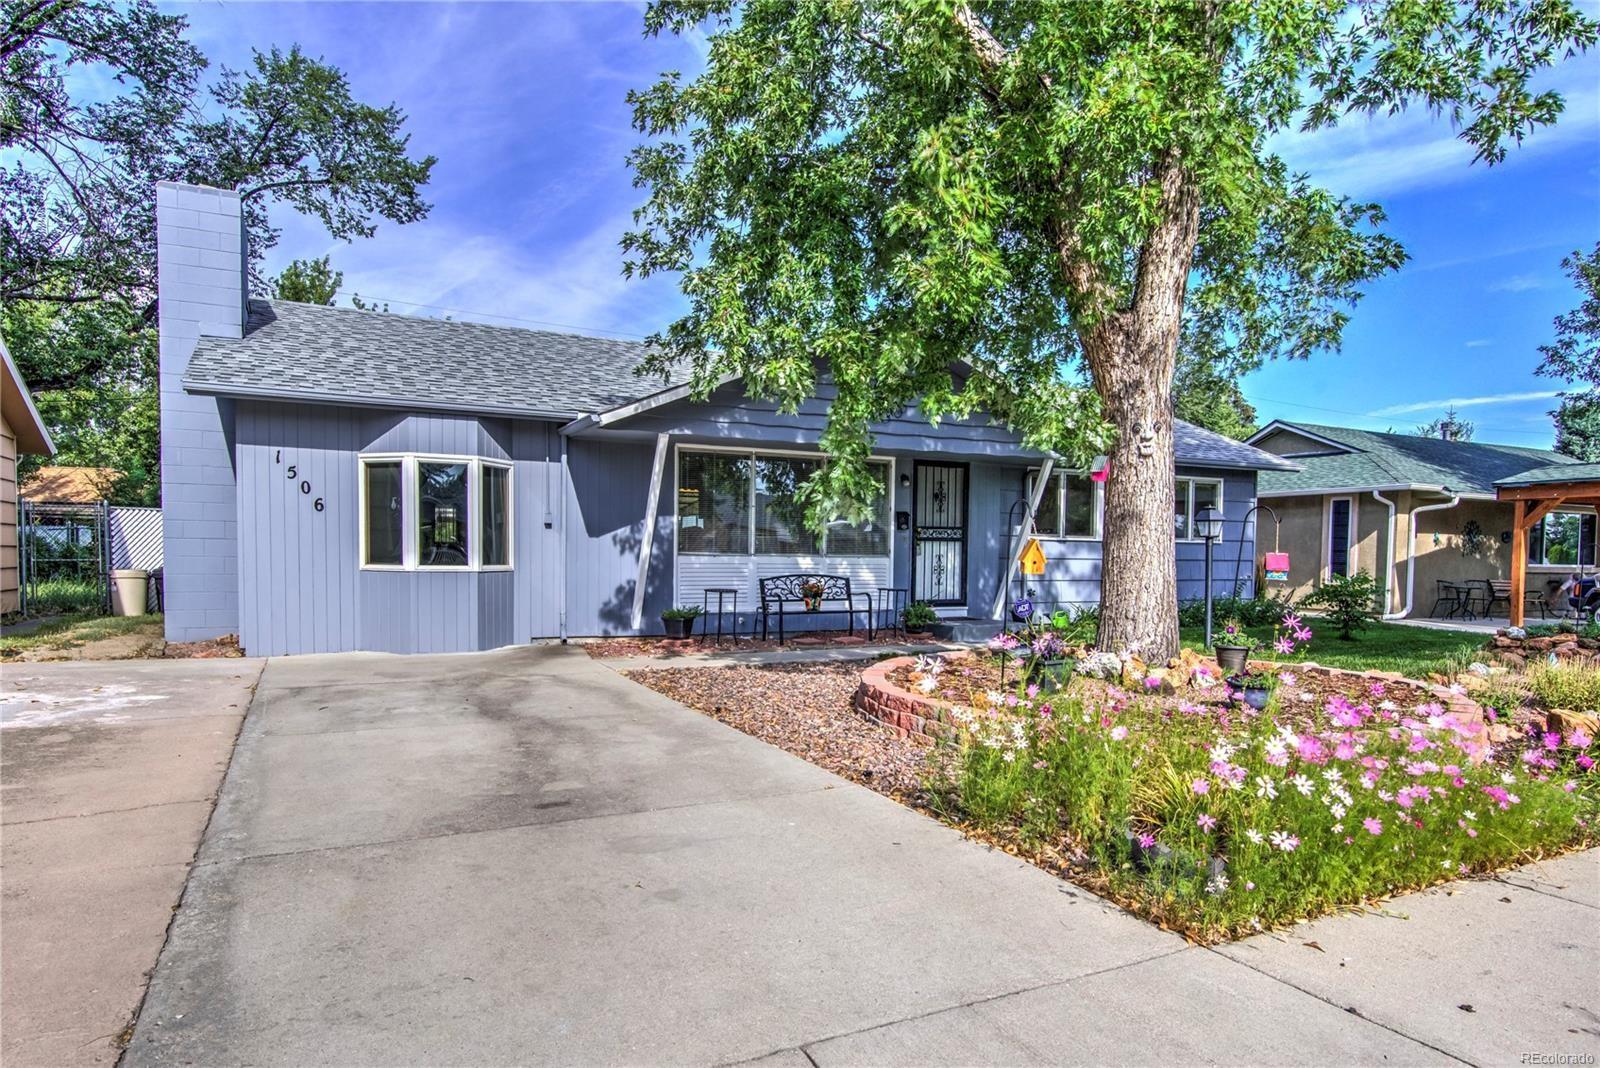 MLS# 4355129 - 2 - 1506 Querida Drive, Colorado Springs, CO 80909